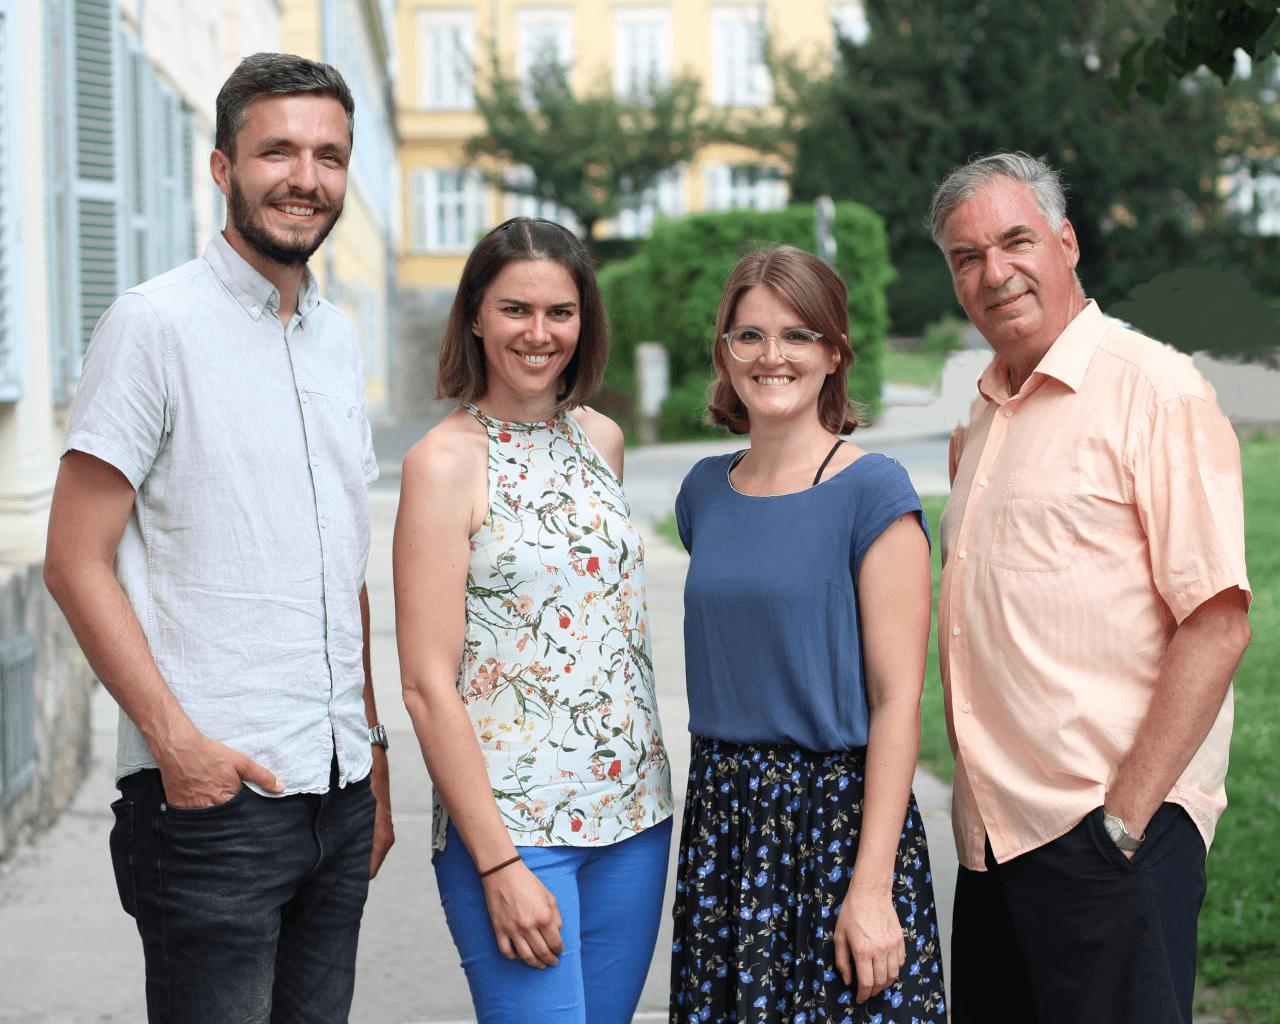 Institut für Nachhaltiges Wirtschaften | Partner of Bernd Kopper Gründer*inneninfo